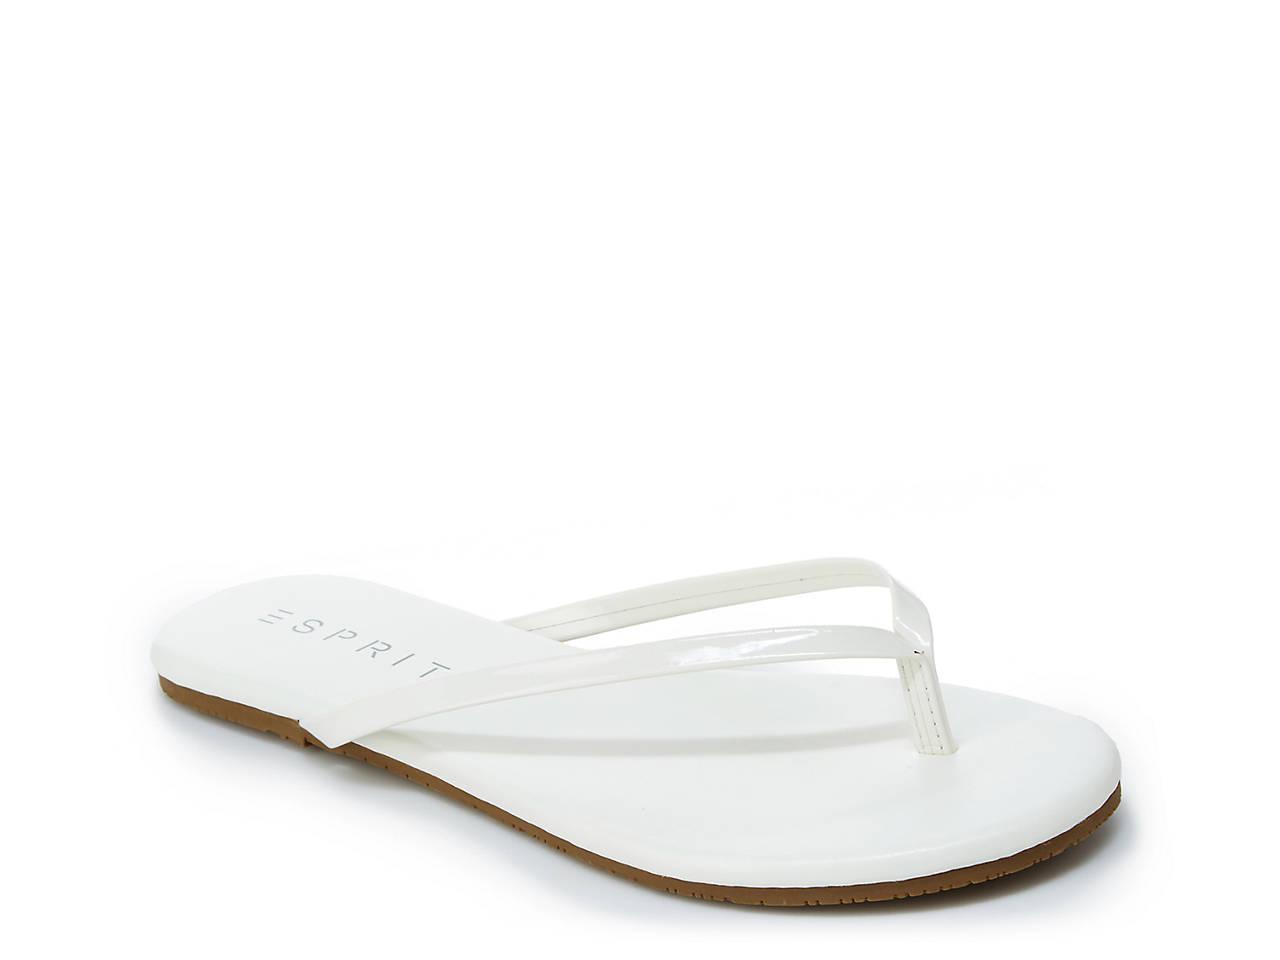 320eef19cdd0 Esprit Party Flip Flop Women s Shoes